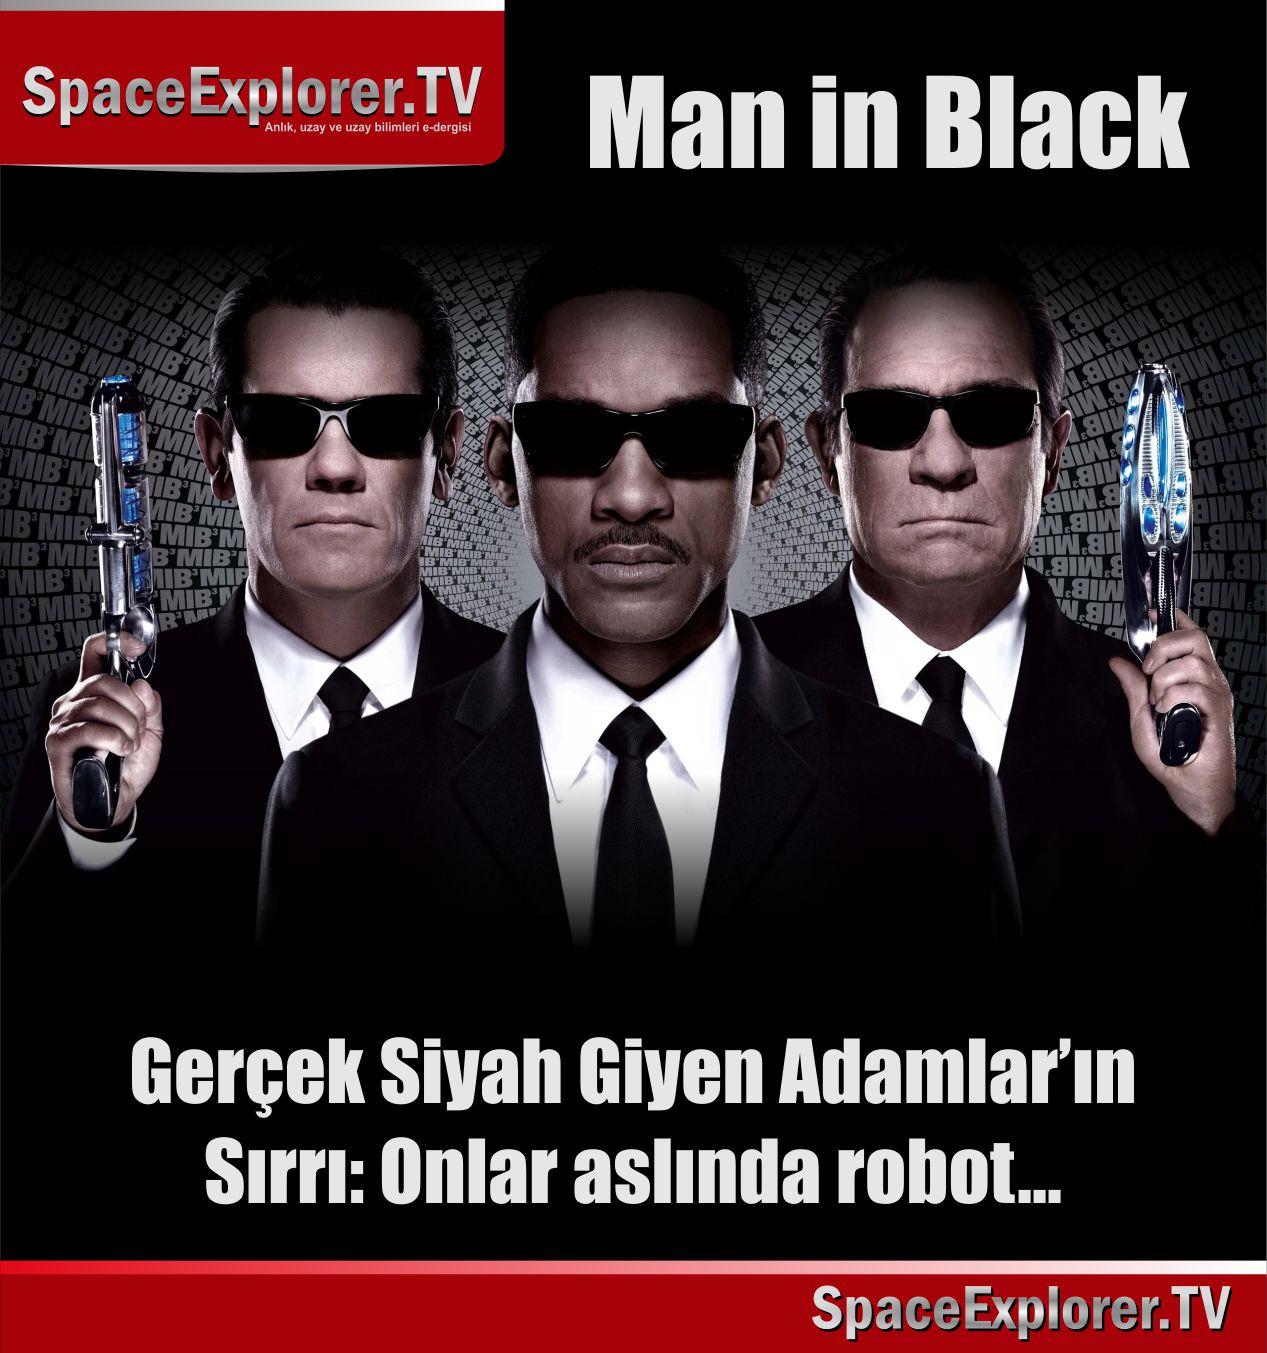 Uzayda hayat var mı?, Man in Black, Siyah Giyen Adamlar, Gizlenen gerçekler, ABD, Uzun beyazlar, Paul Hellyer, Mehmet Fahri Sertkaya,